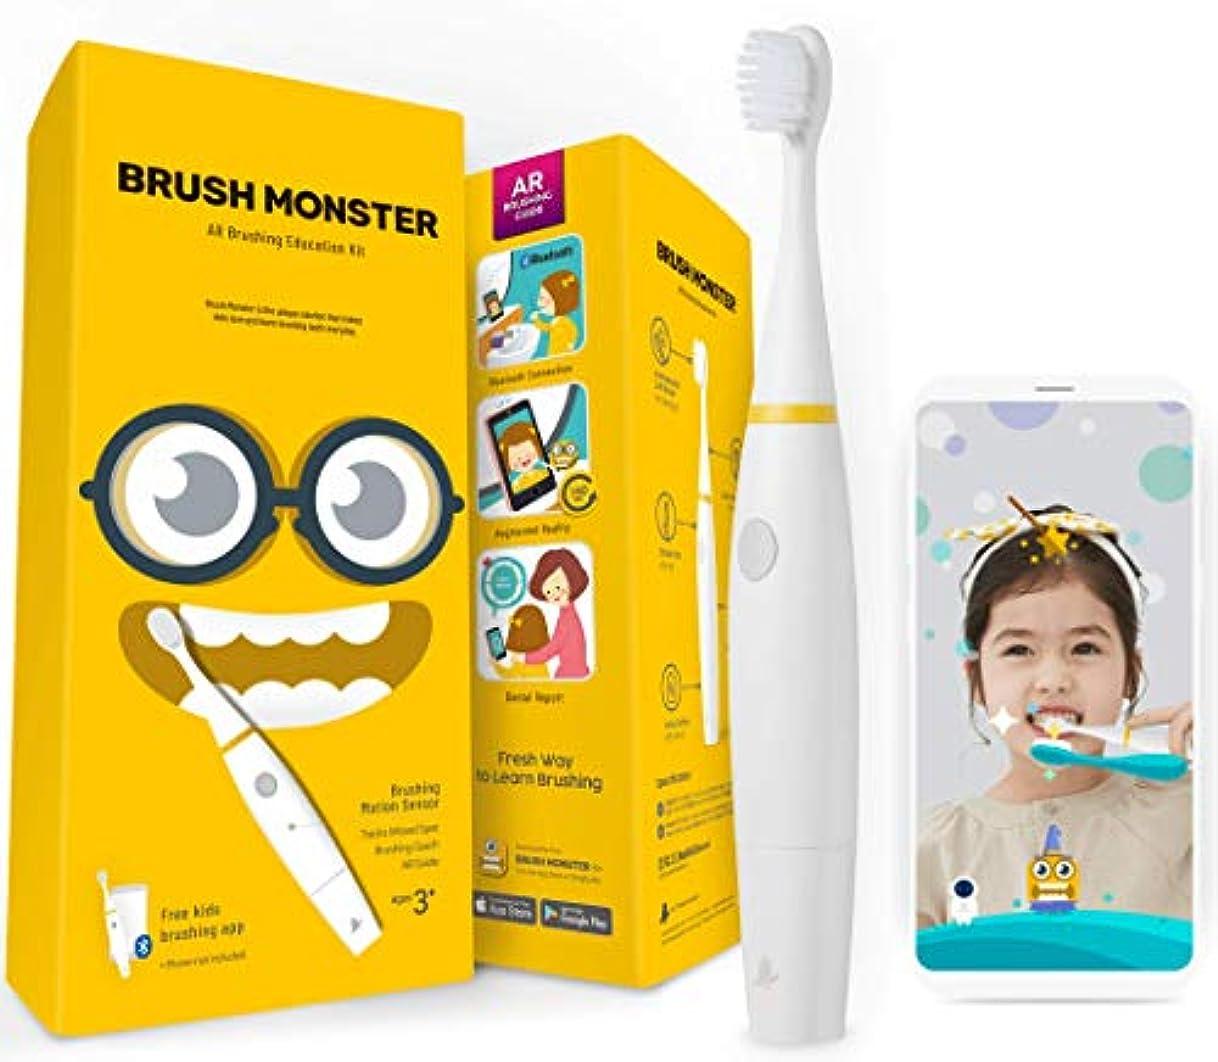 パラメータ引退する腐敗したBRUSH MONSTER ブラッシュモンスターキッズ 子供用スマートトラッキング電動歯ブラシ AR(拡張現実)搭載 歯育アプリ連動 BMT100 (本体ホワイト)